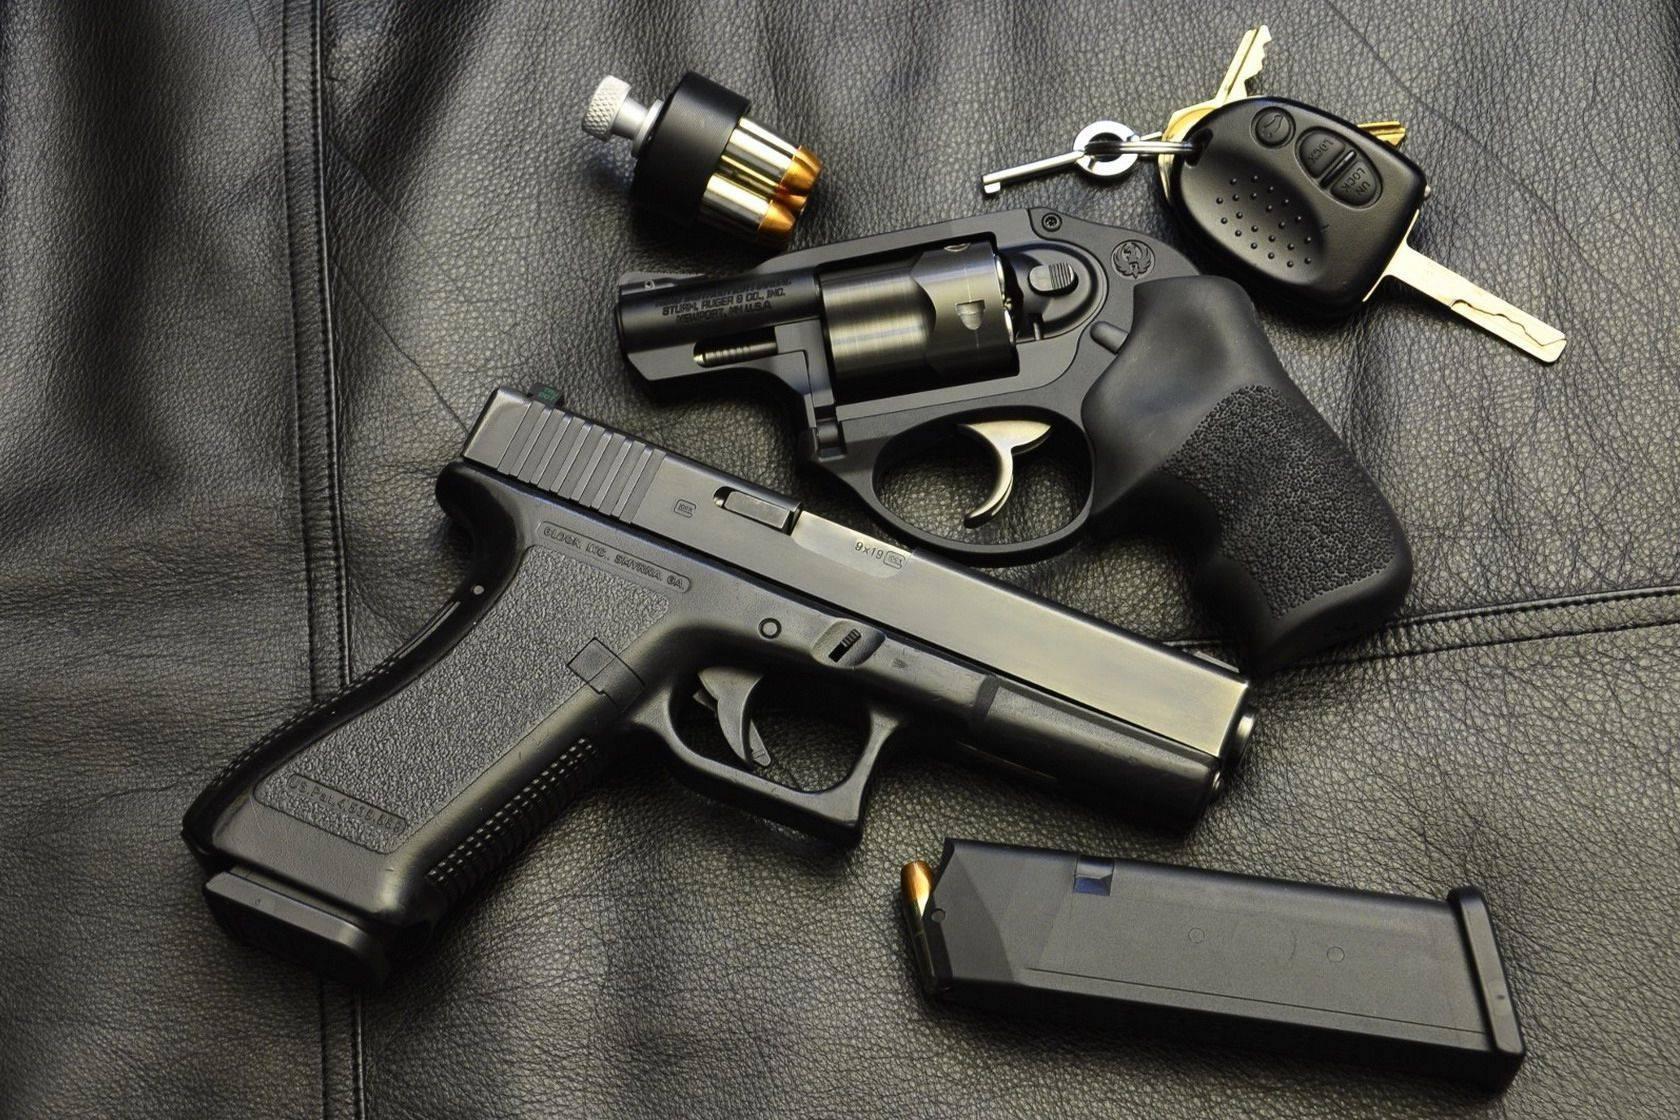 Топ-5 самых известных армейских пистолетов мира | 42.tut.by